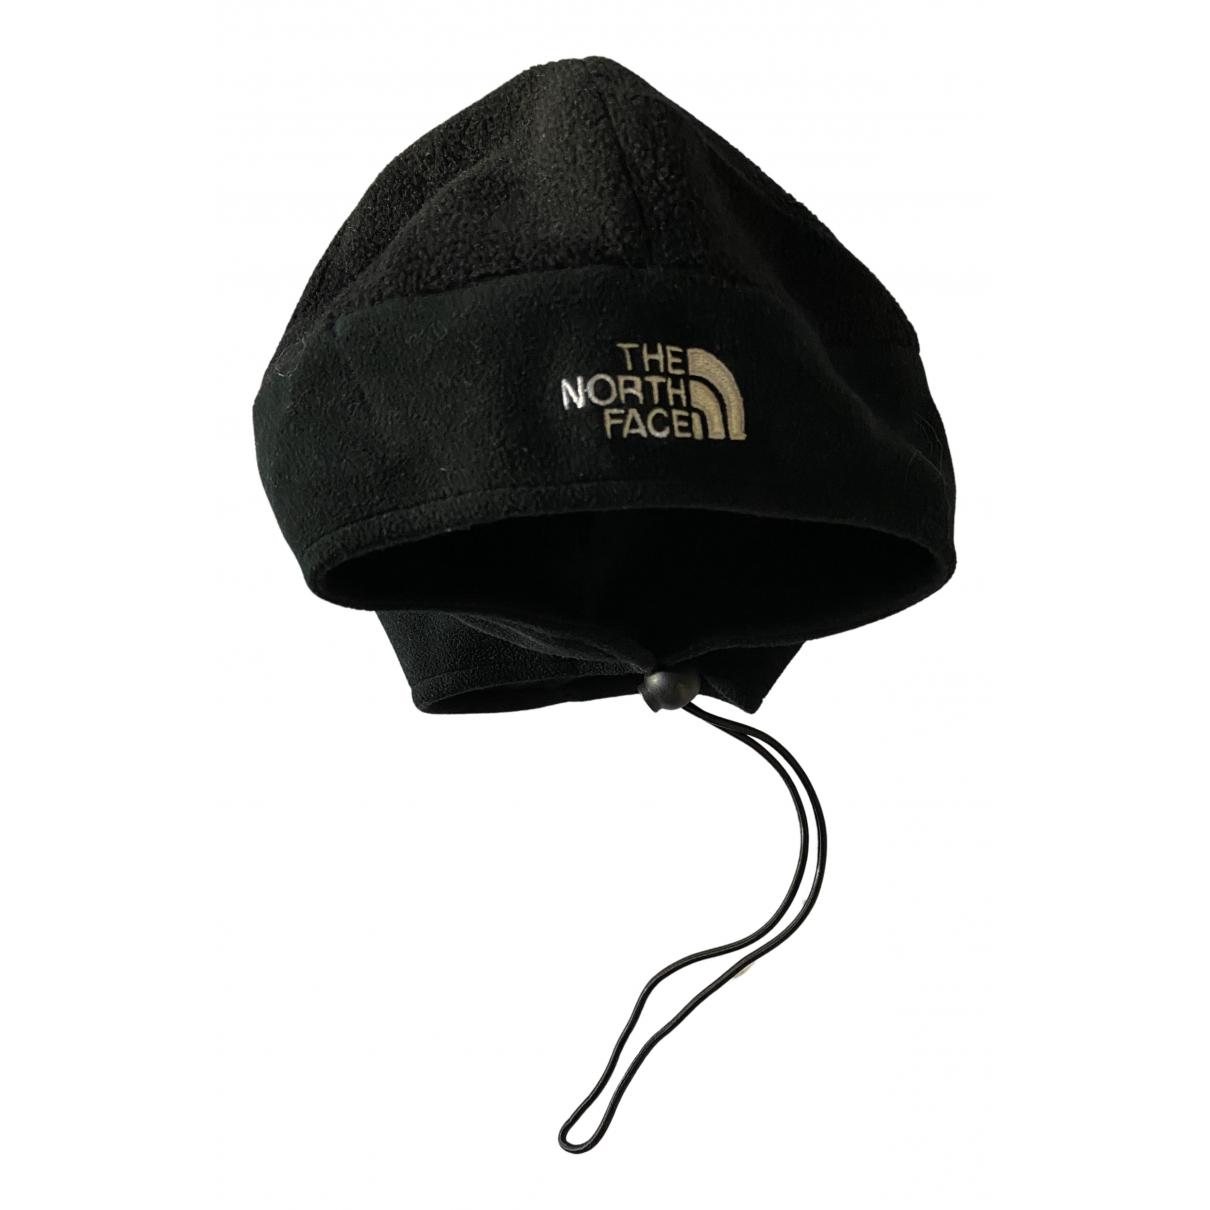 Sombrero / gorro The North Face